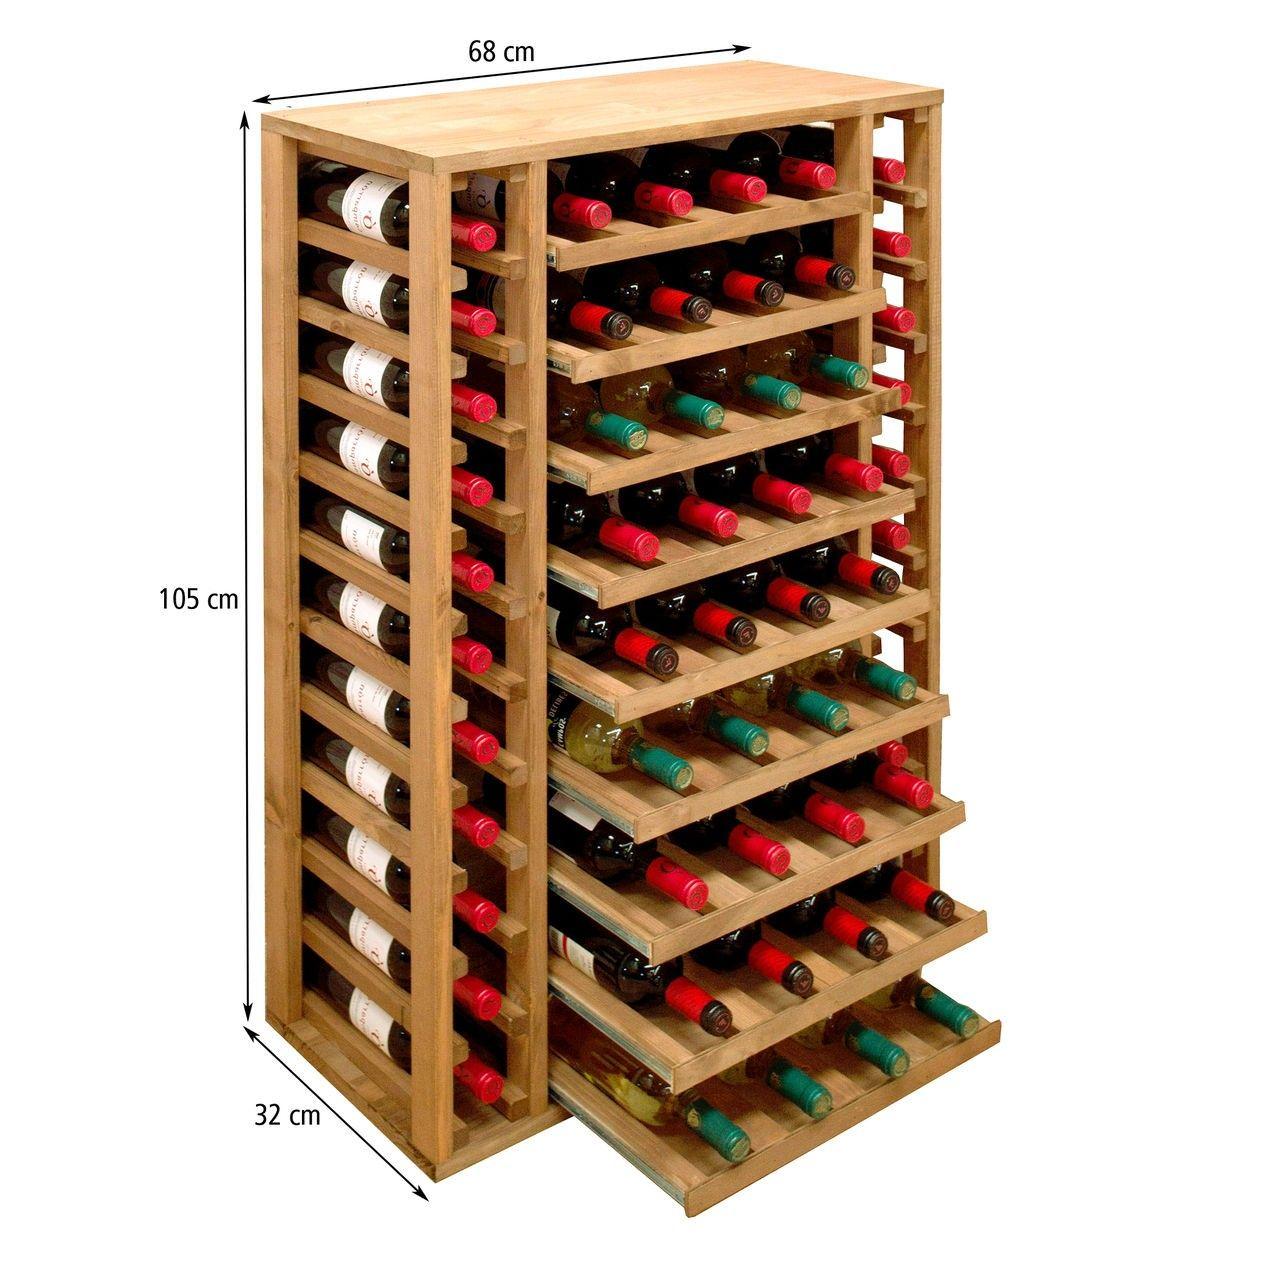 Weinregal PROVINALIA Eiche - modulares Weinregalsystem ...